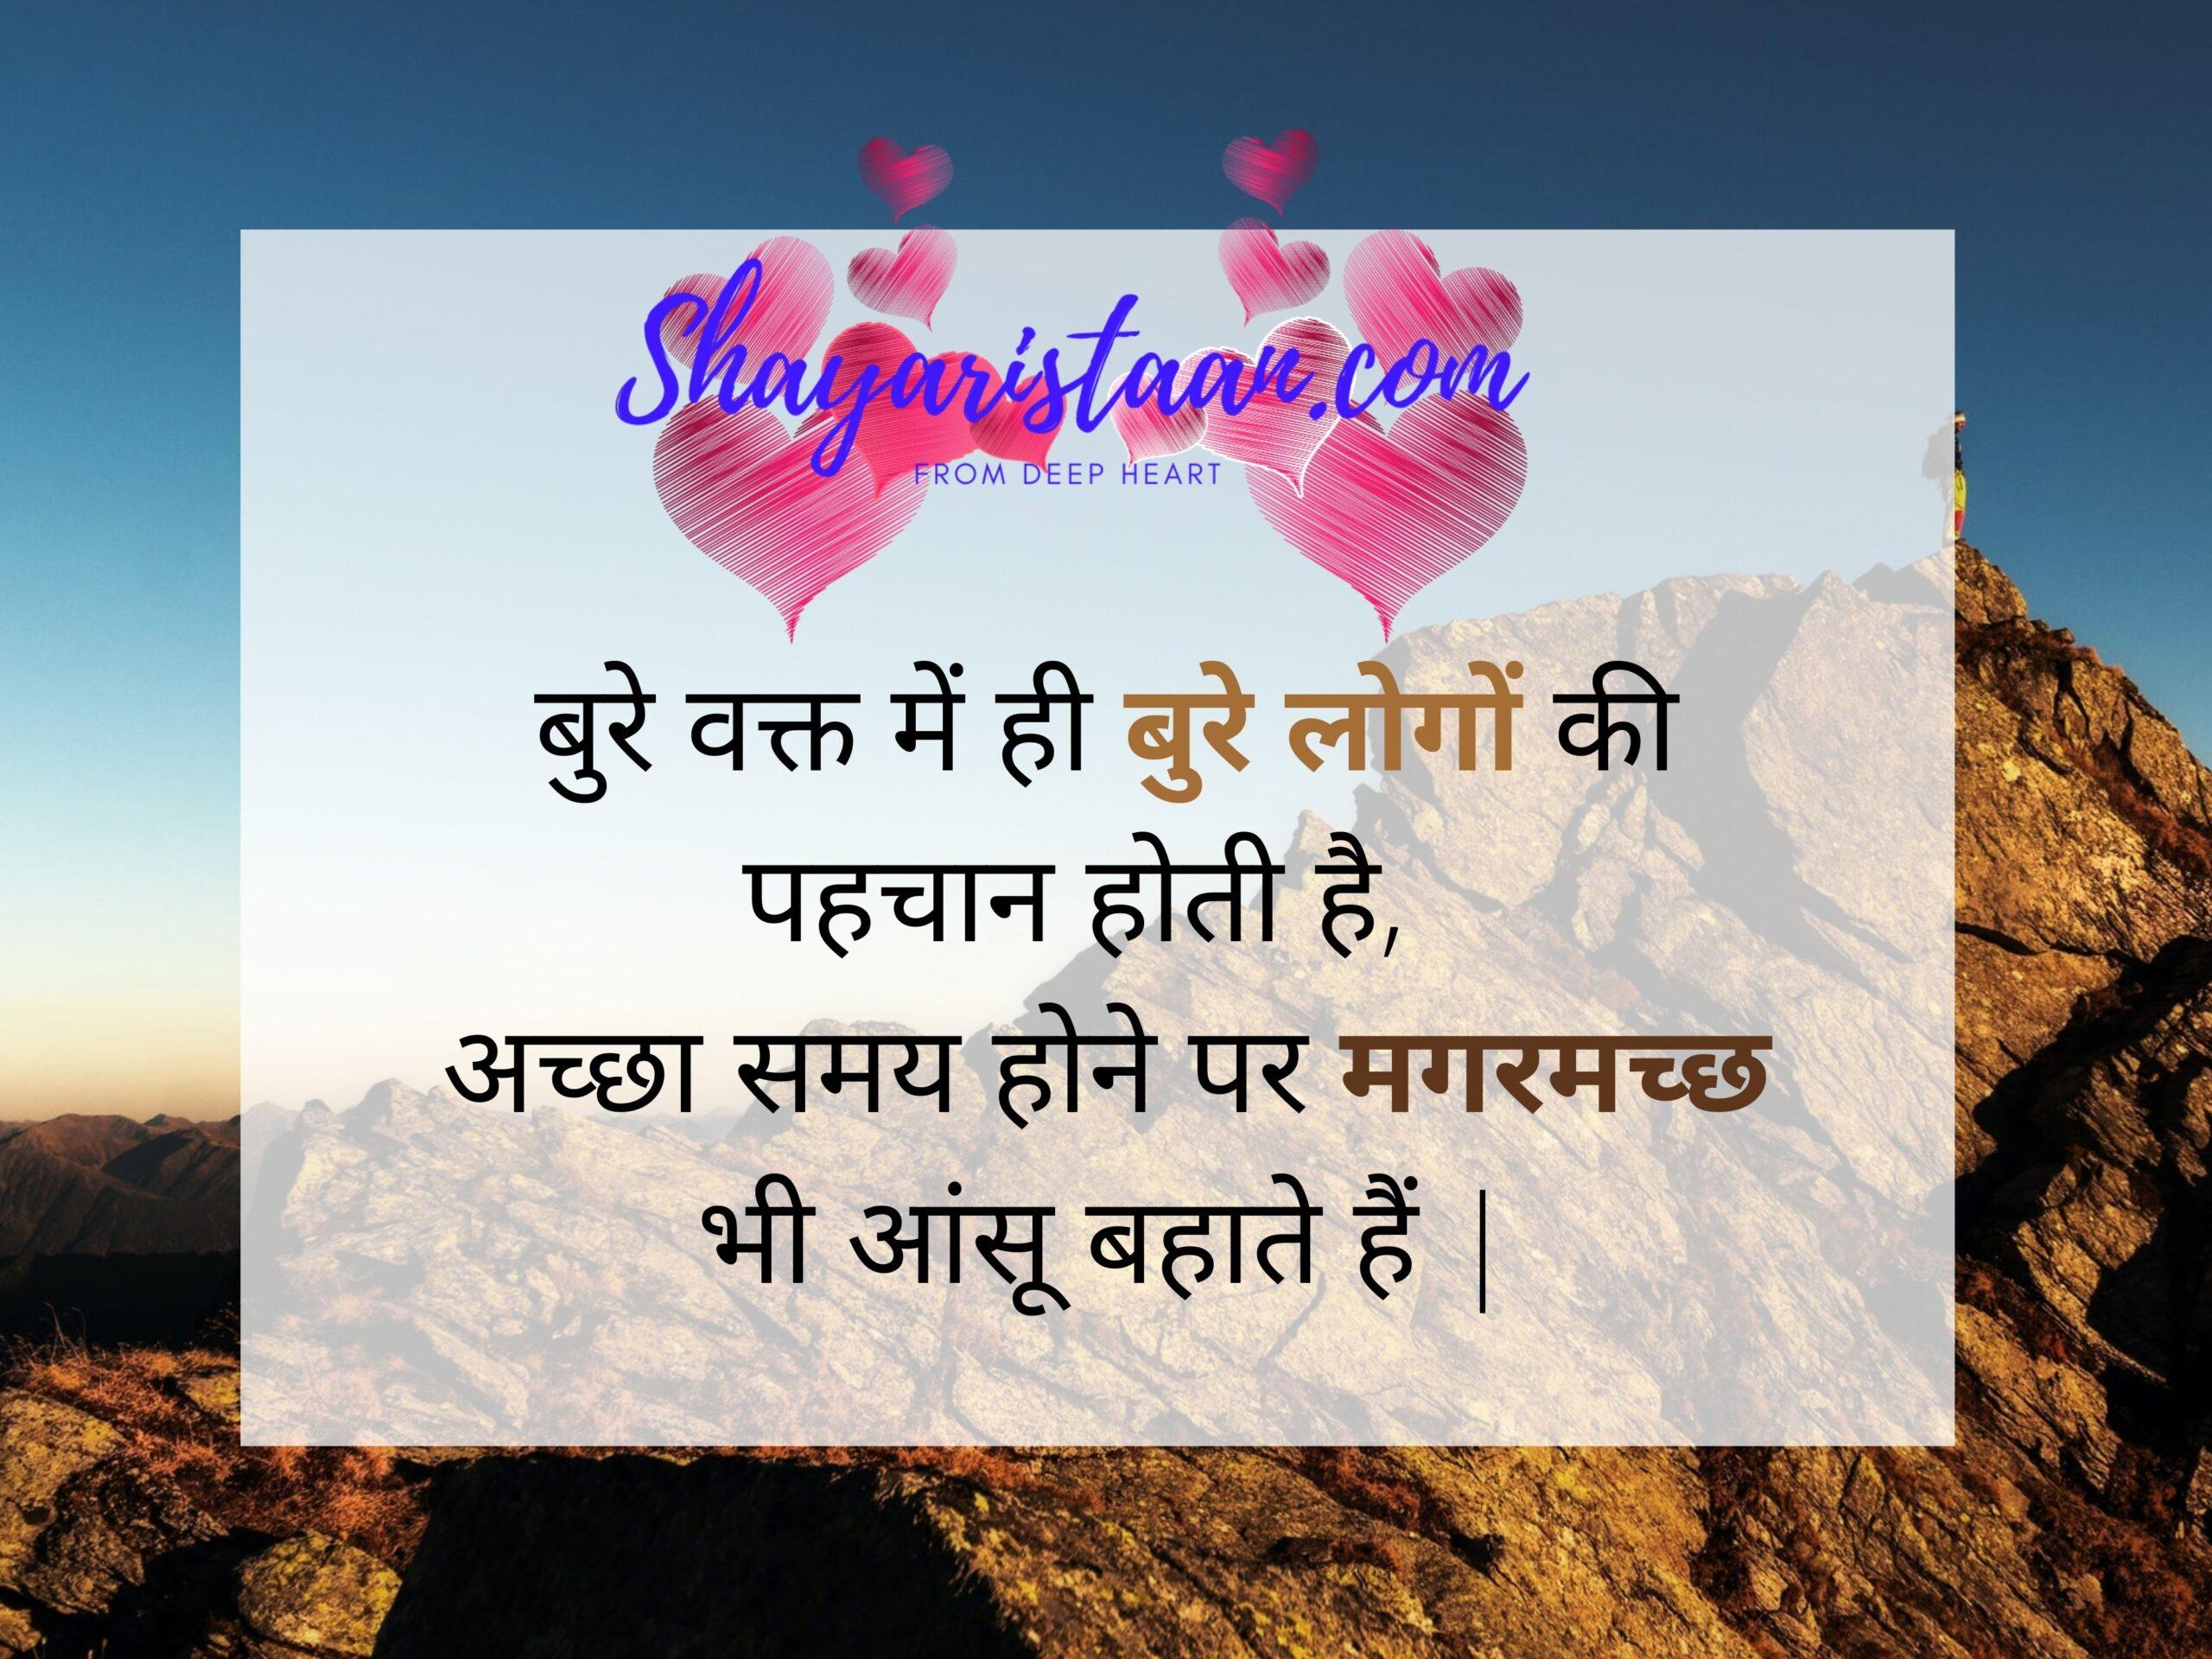 zindagi quotes in english| बुरे वक्त में ही बुरे लोगों की पहचान होती है, अच्छा समय होने पर मगरमच्छ भी आंसू बहाते हैं |